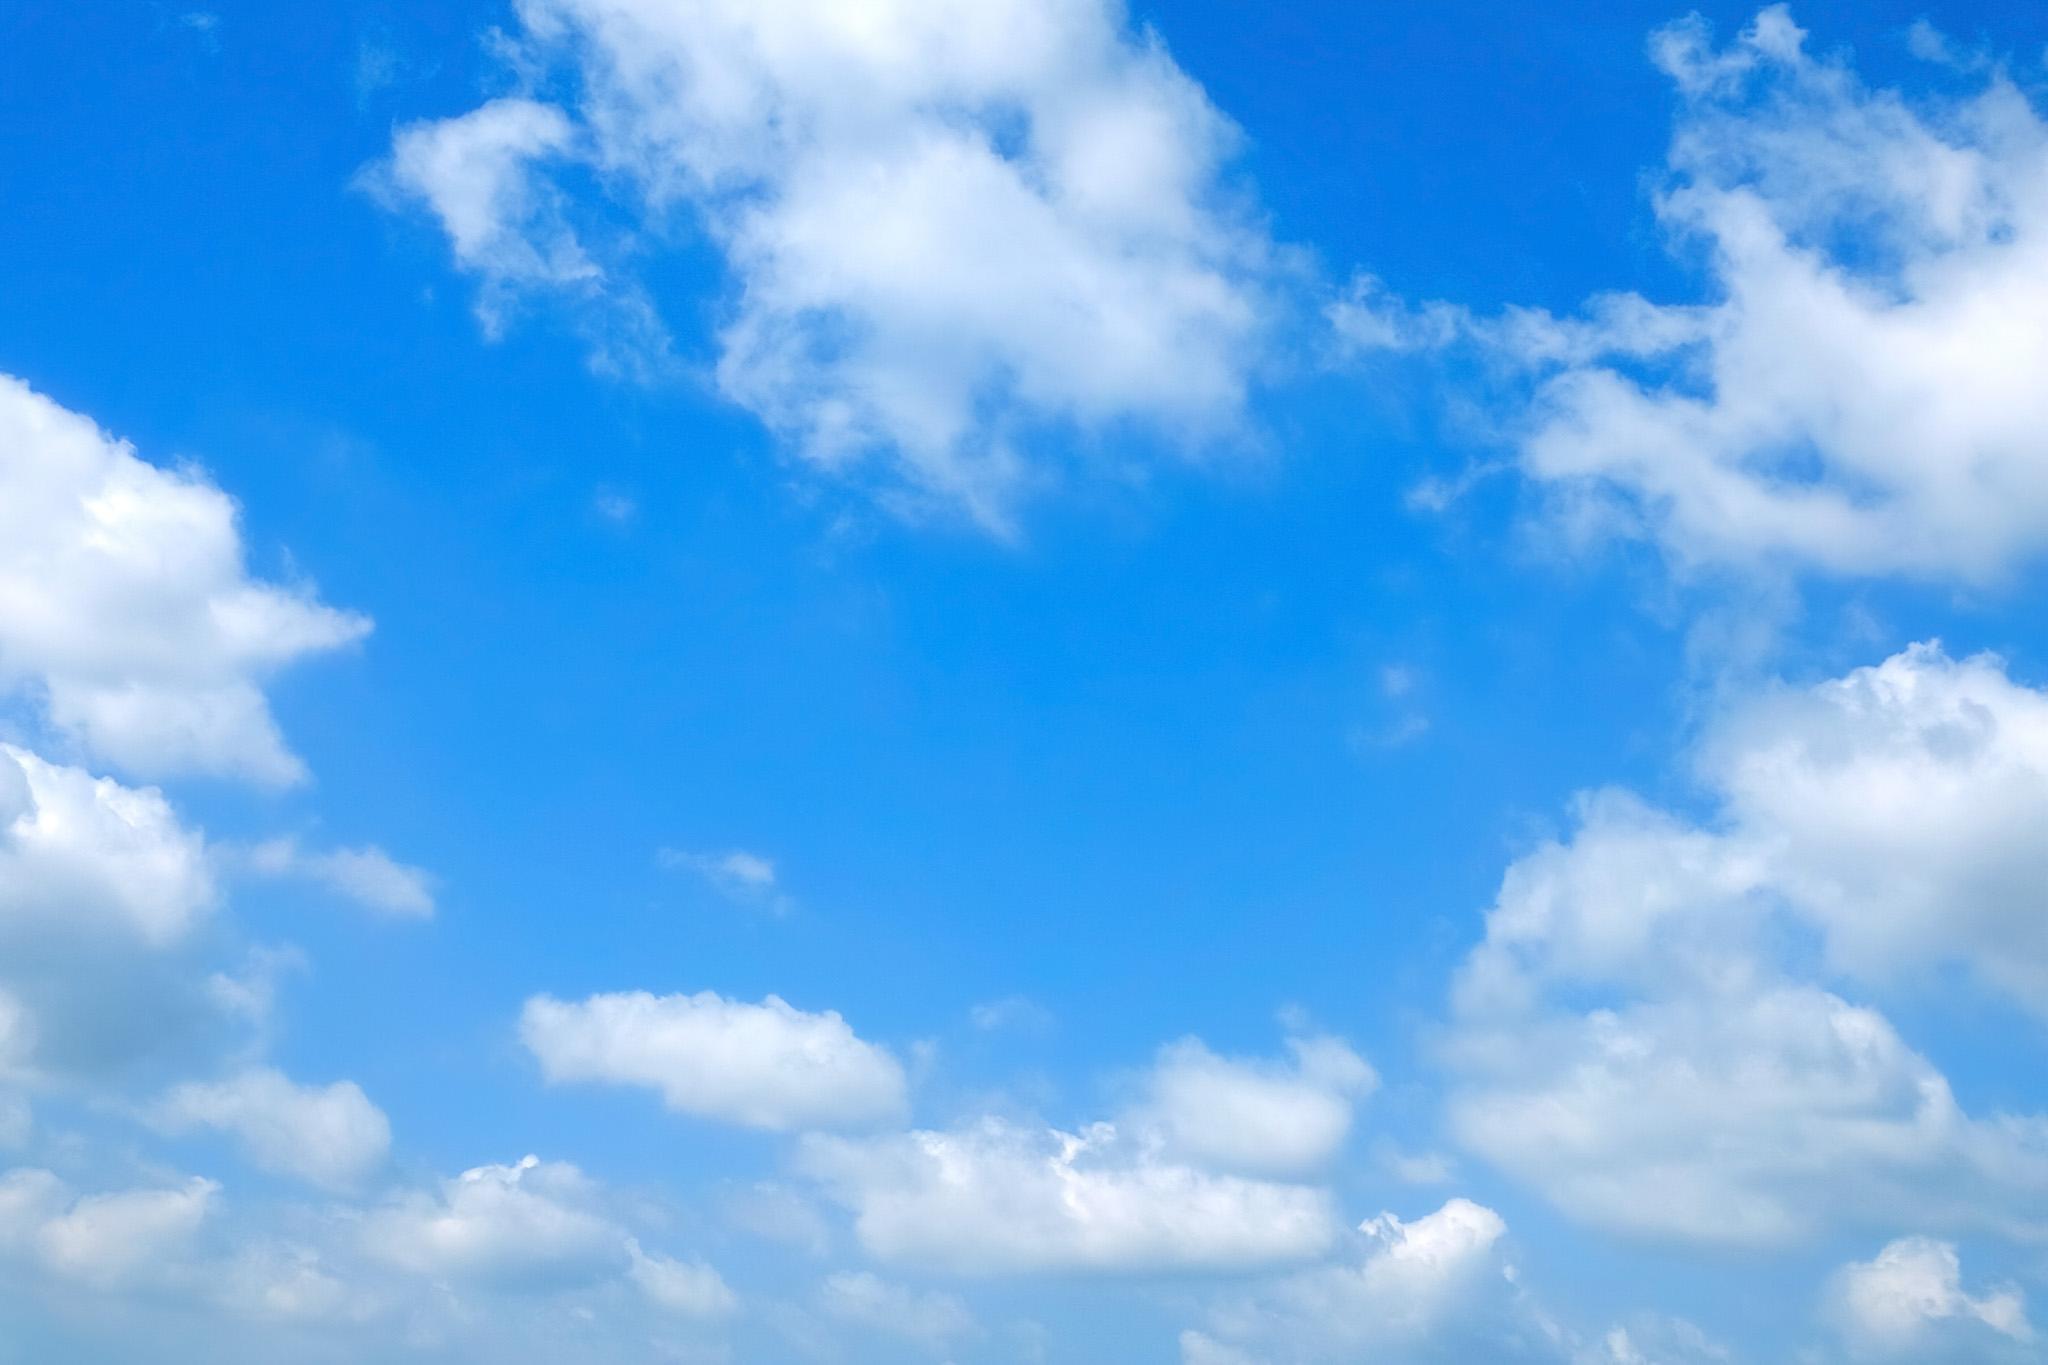 「白い雲が漂う美しい青空」の素材を無料ダウンロード